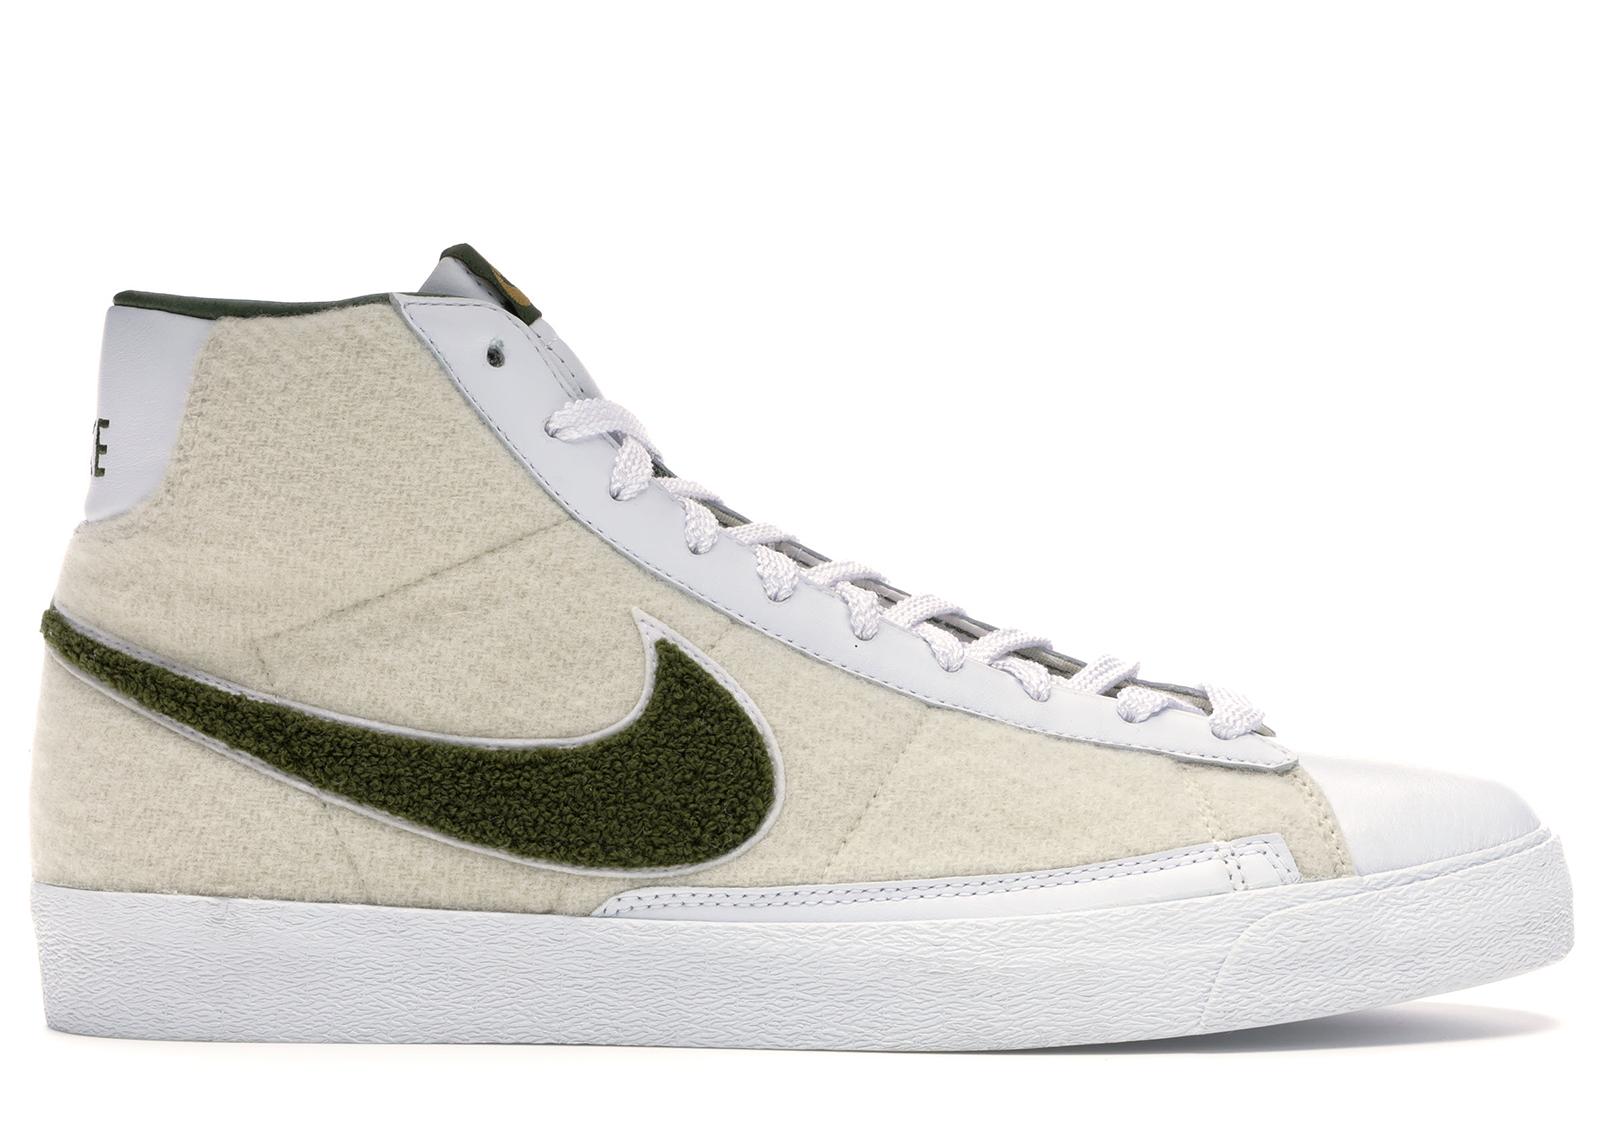 Nike SB Blazer Stussy Vapor